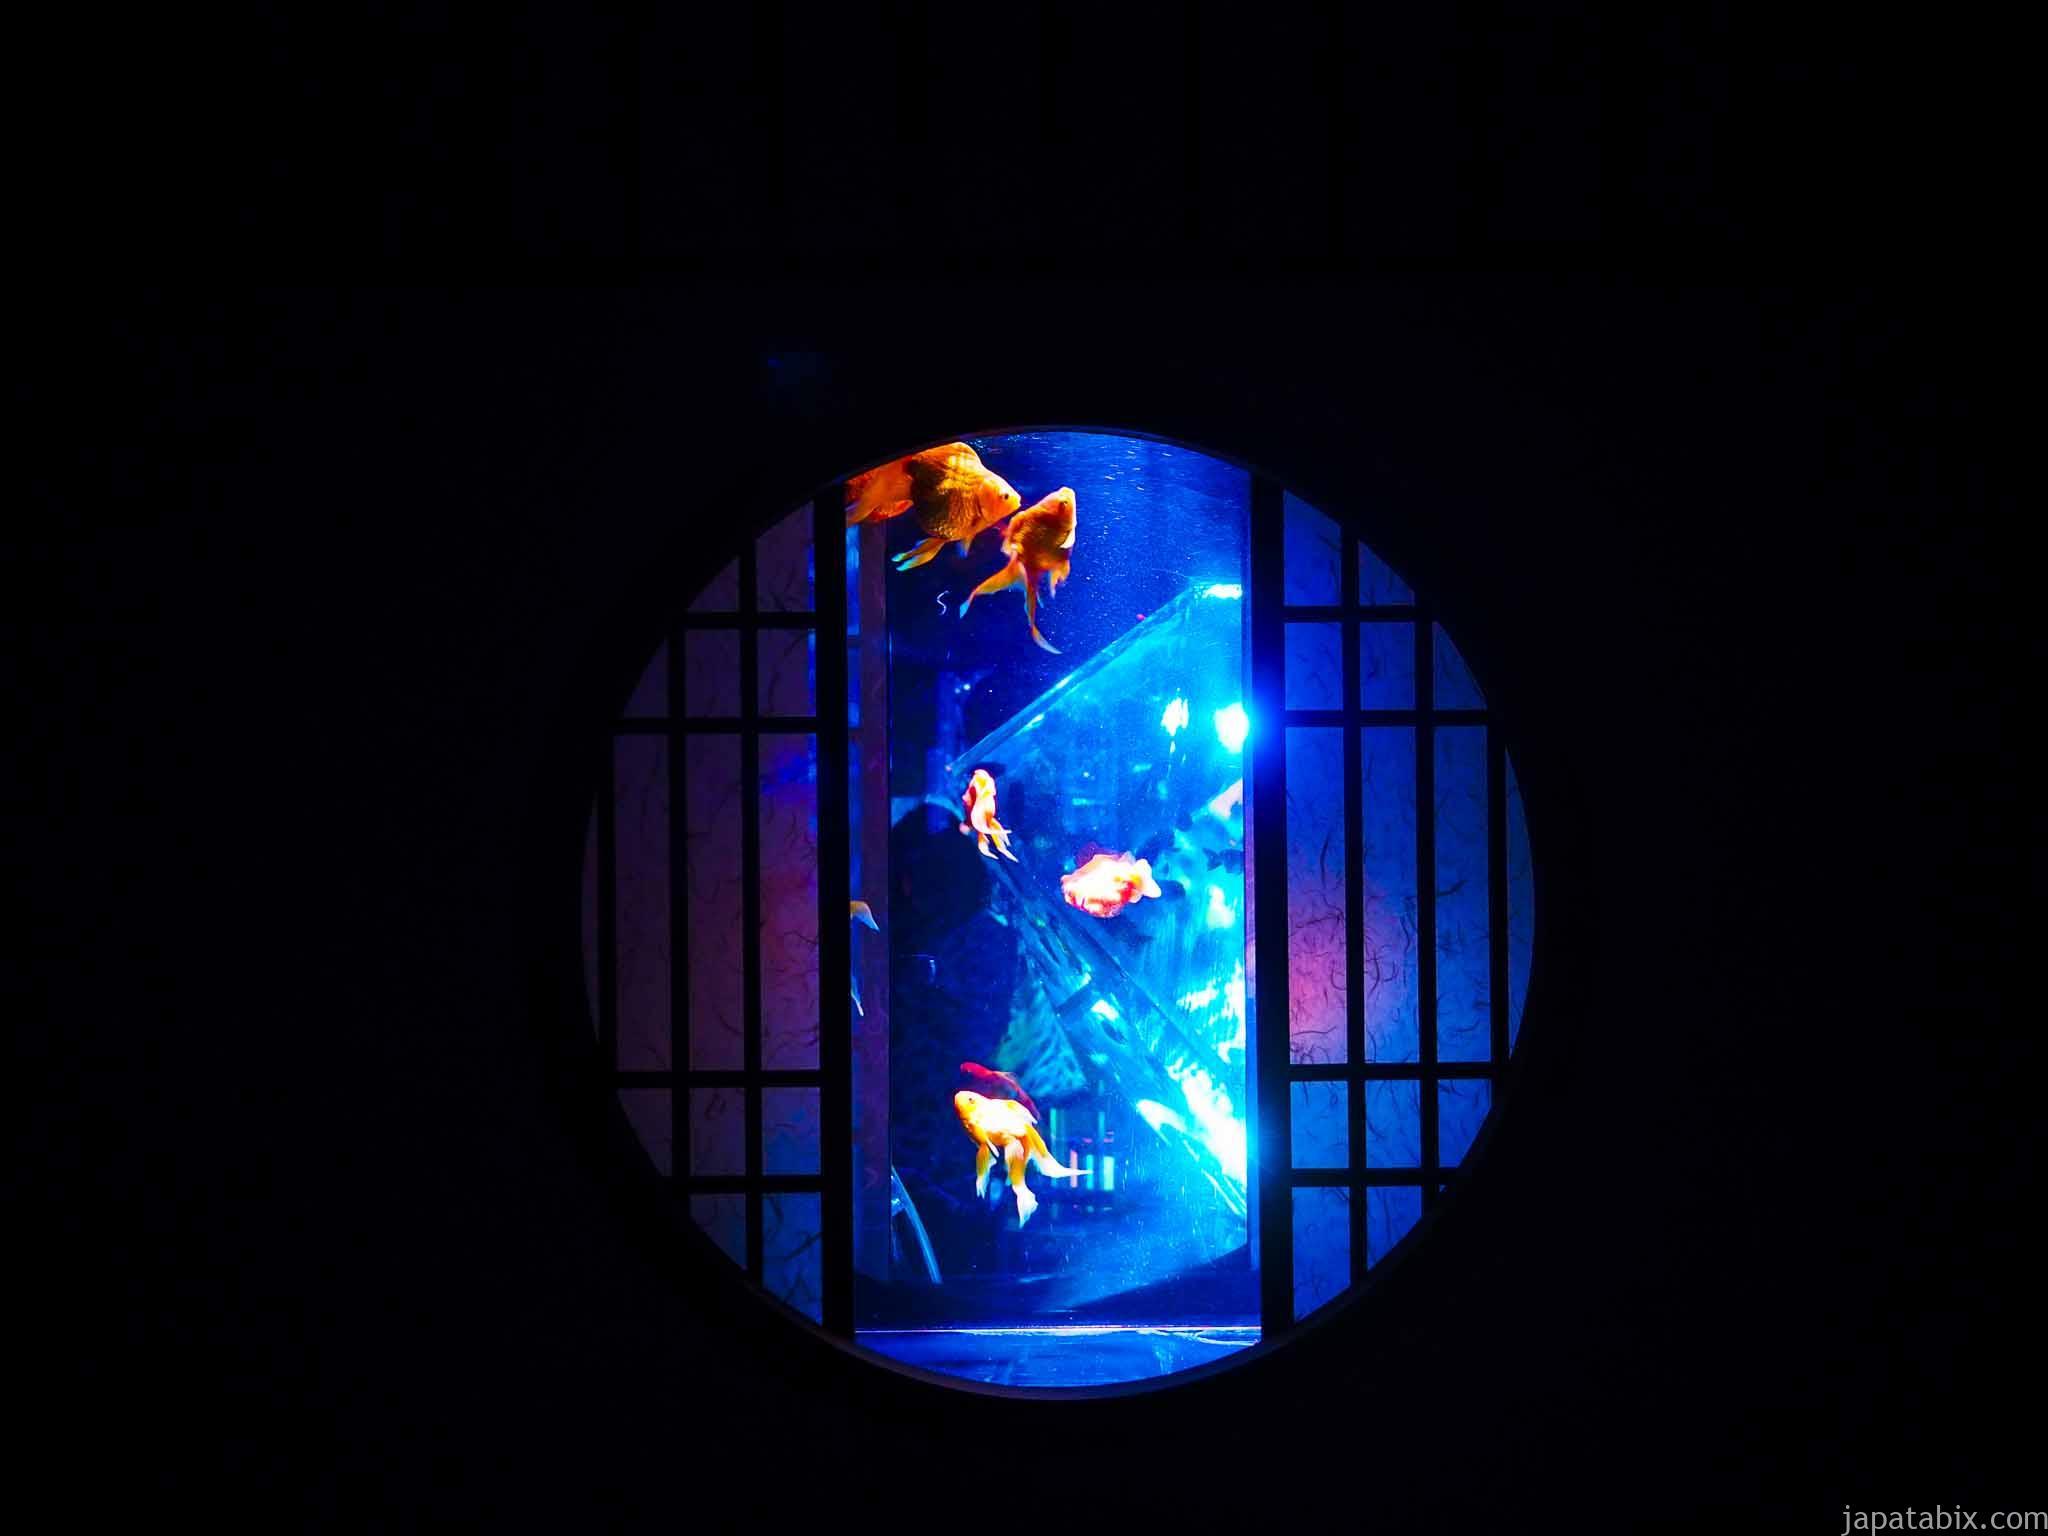 アートアクアリウム美術館 円窓リウム